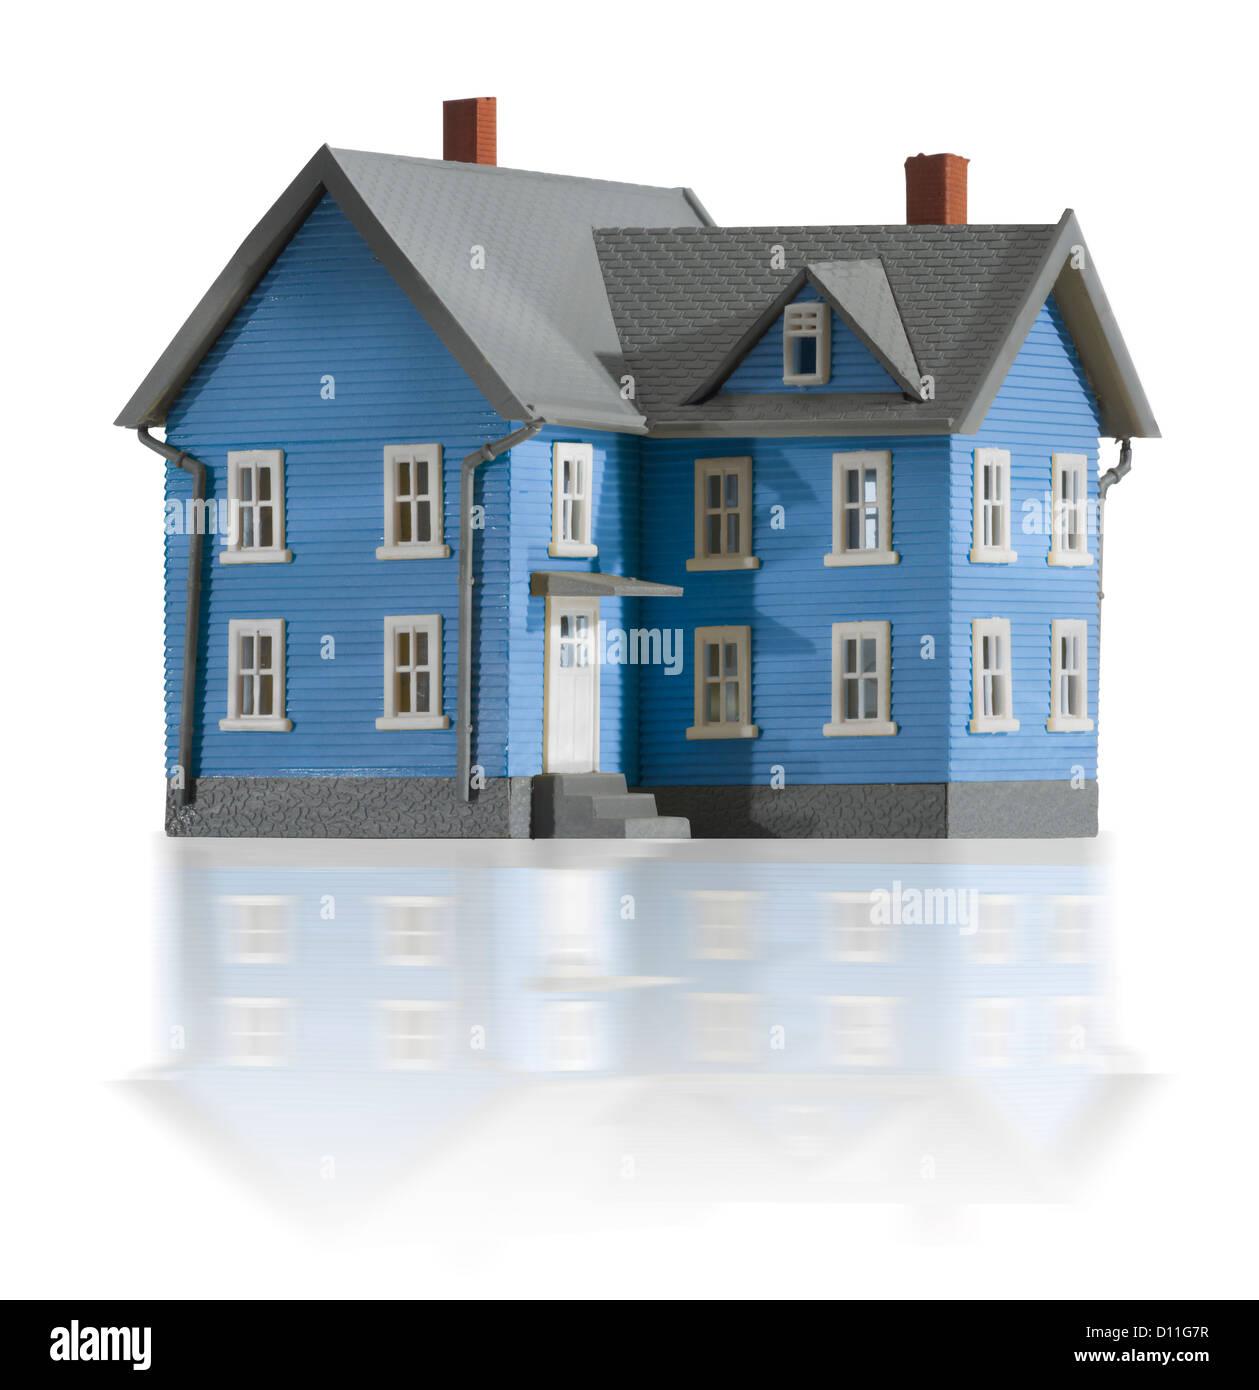 Gris y Azul casa de granja en miniatura Foto de stock